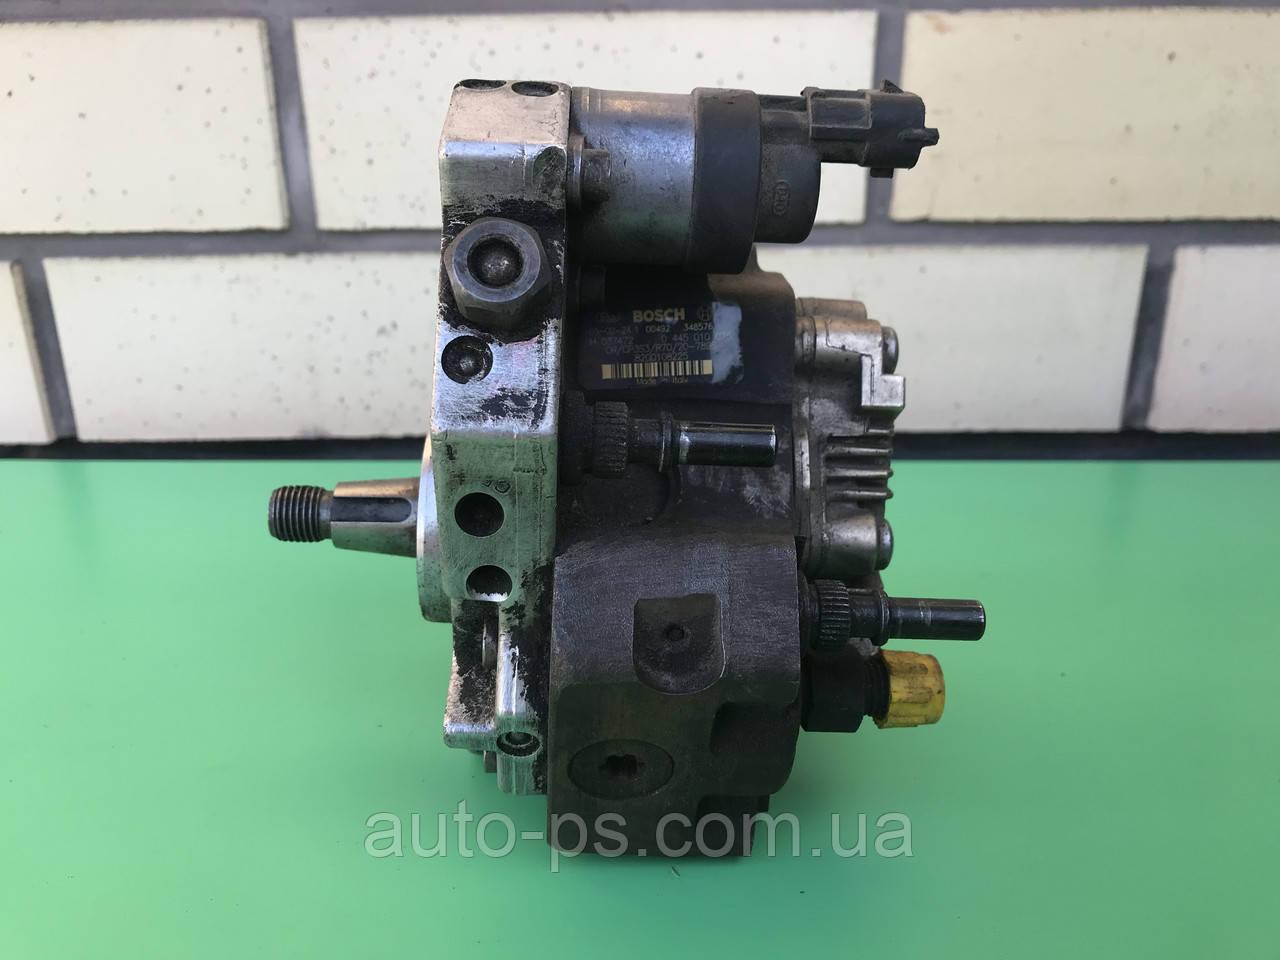 Топливный насос высокого давления (ТНВД) Opel Vivaro 1.9DI